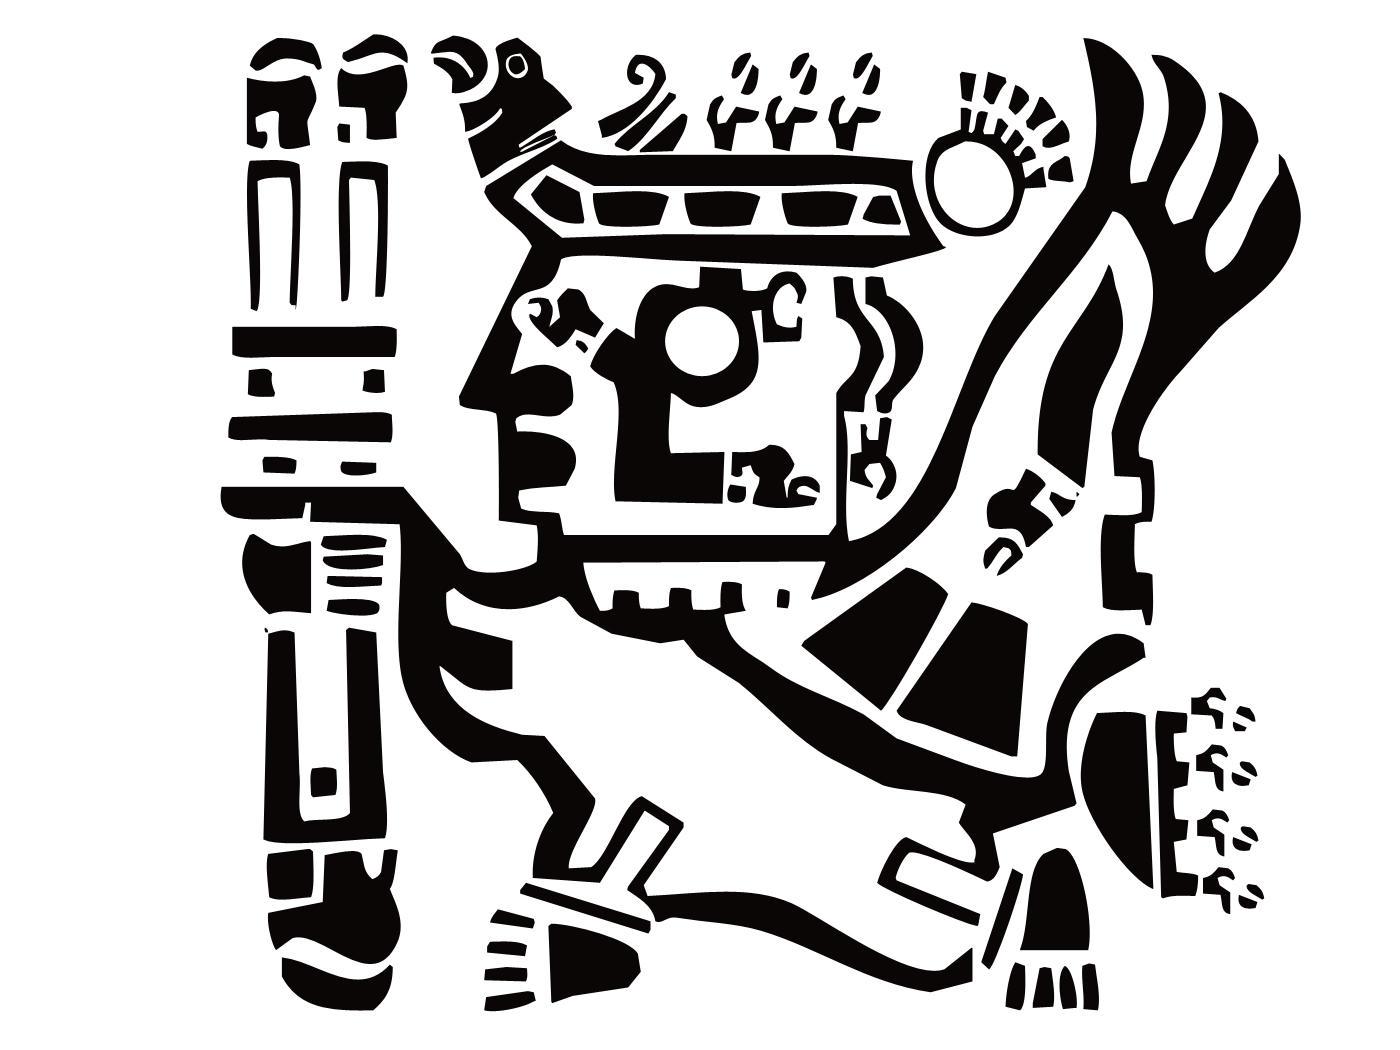 Inca warrior filled by boschdienst on deviantart for Peruvian tattoos designs